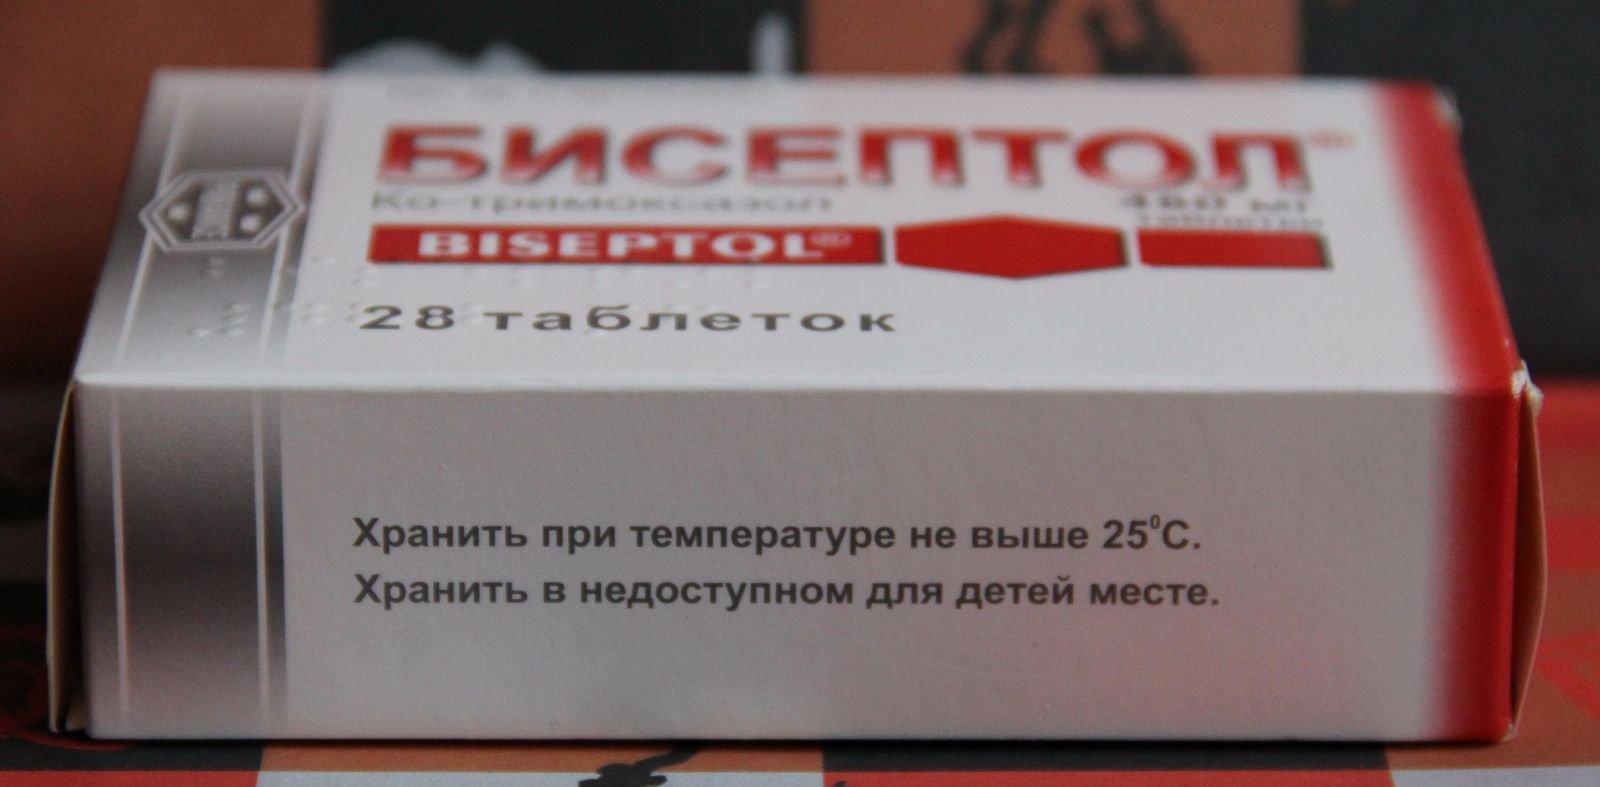 бисептол лечение простатита инструкция по применению цена отзывы